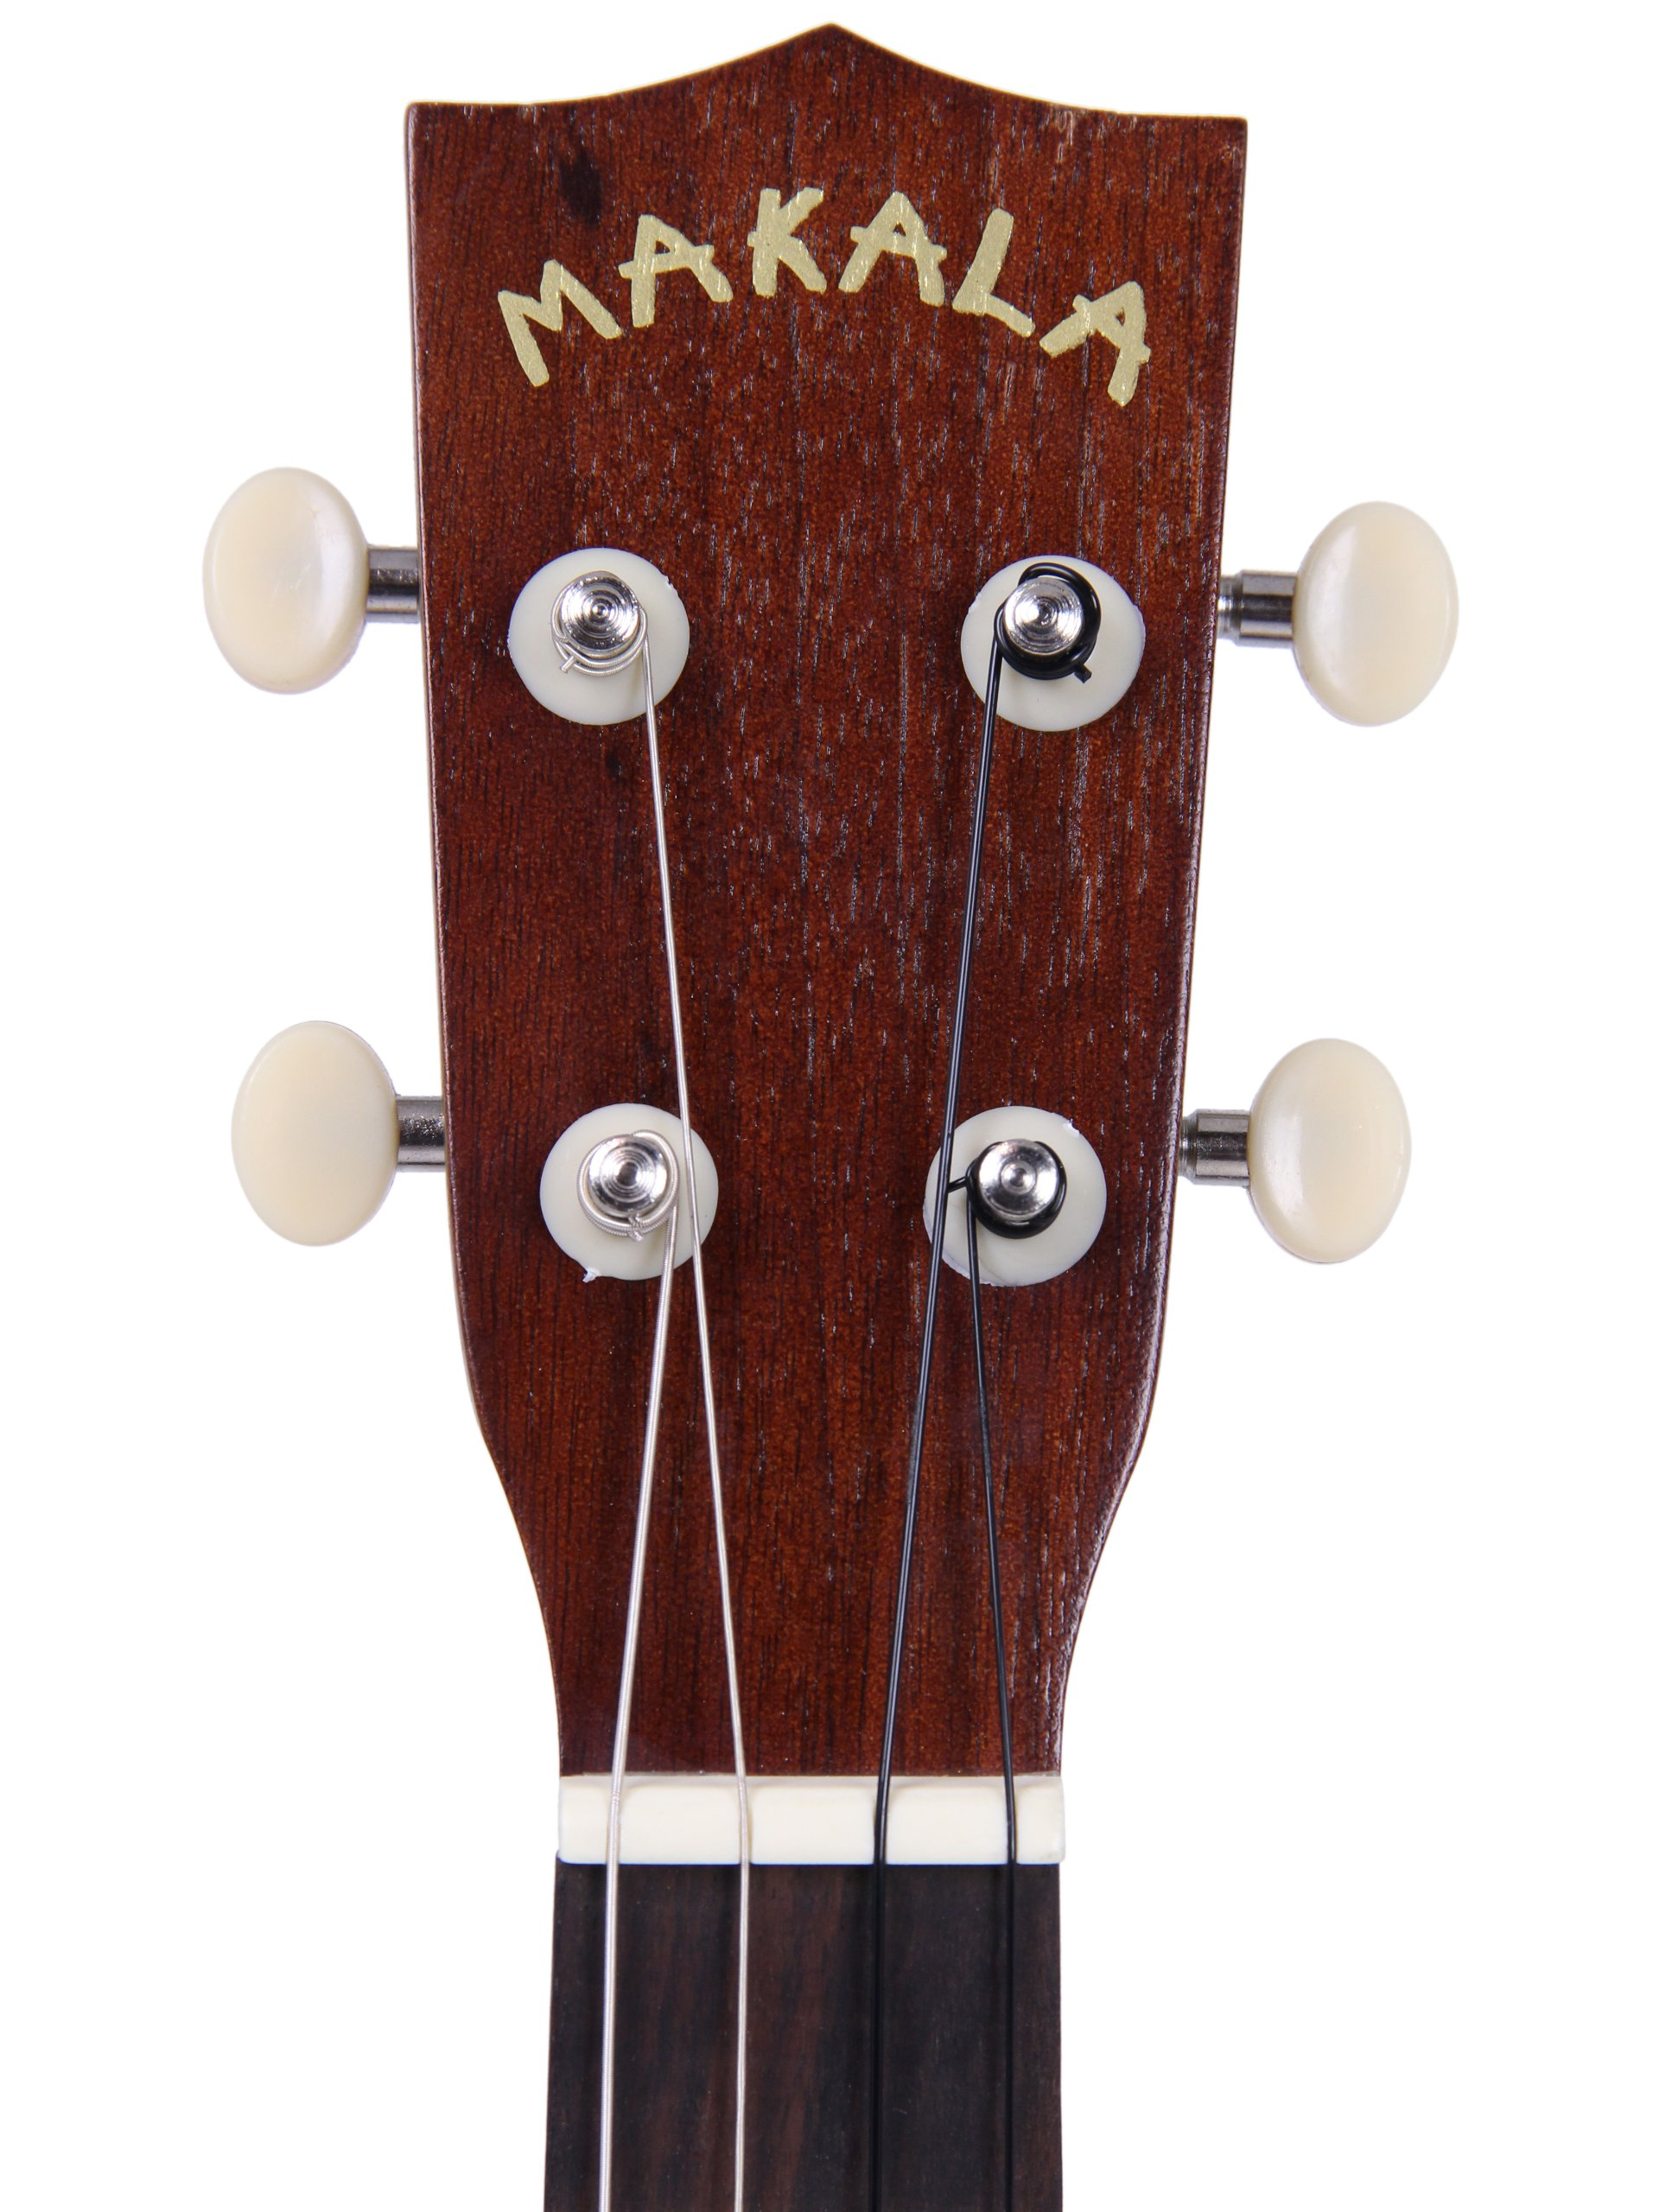 Kala MK-B Makala Baritone Ukulele Bundle with Hard Case, Clip-On Tuner, Austin Bazaar Instructional DVD, and Polishing Cloth